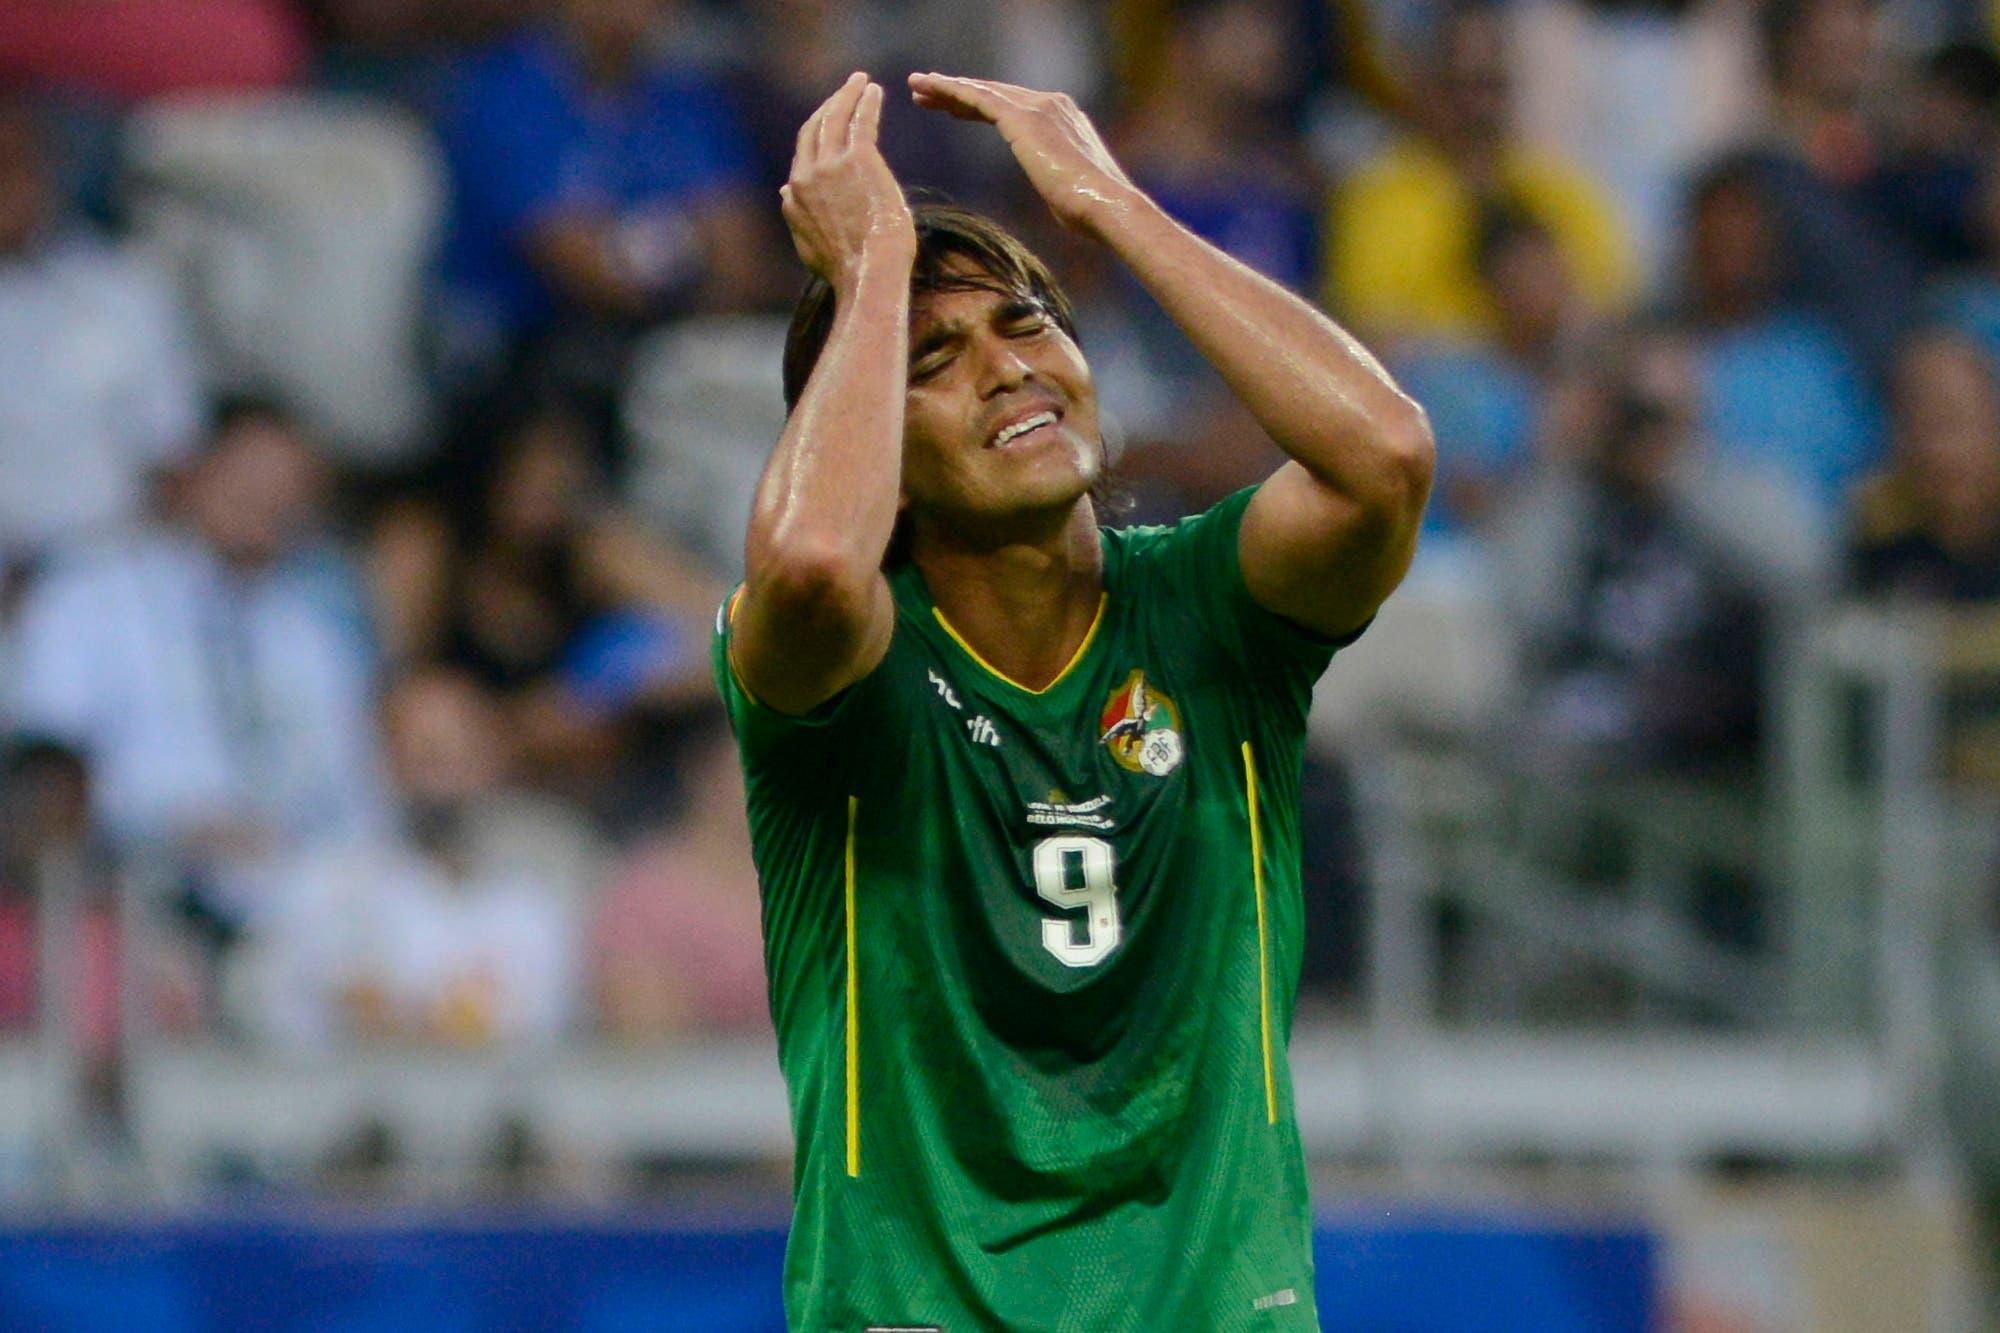 Copa América 2019. El equipo que no puede ganar: un viaje íntimo al corazón de Bolivia, la selección más débil